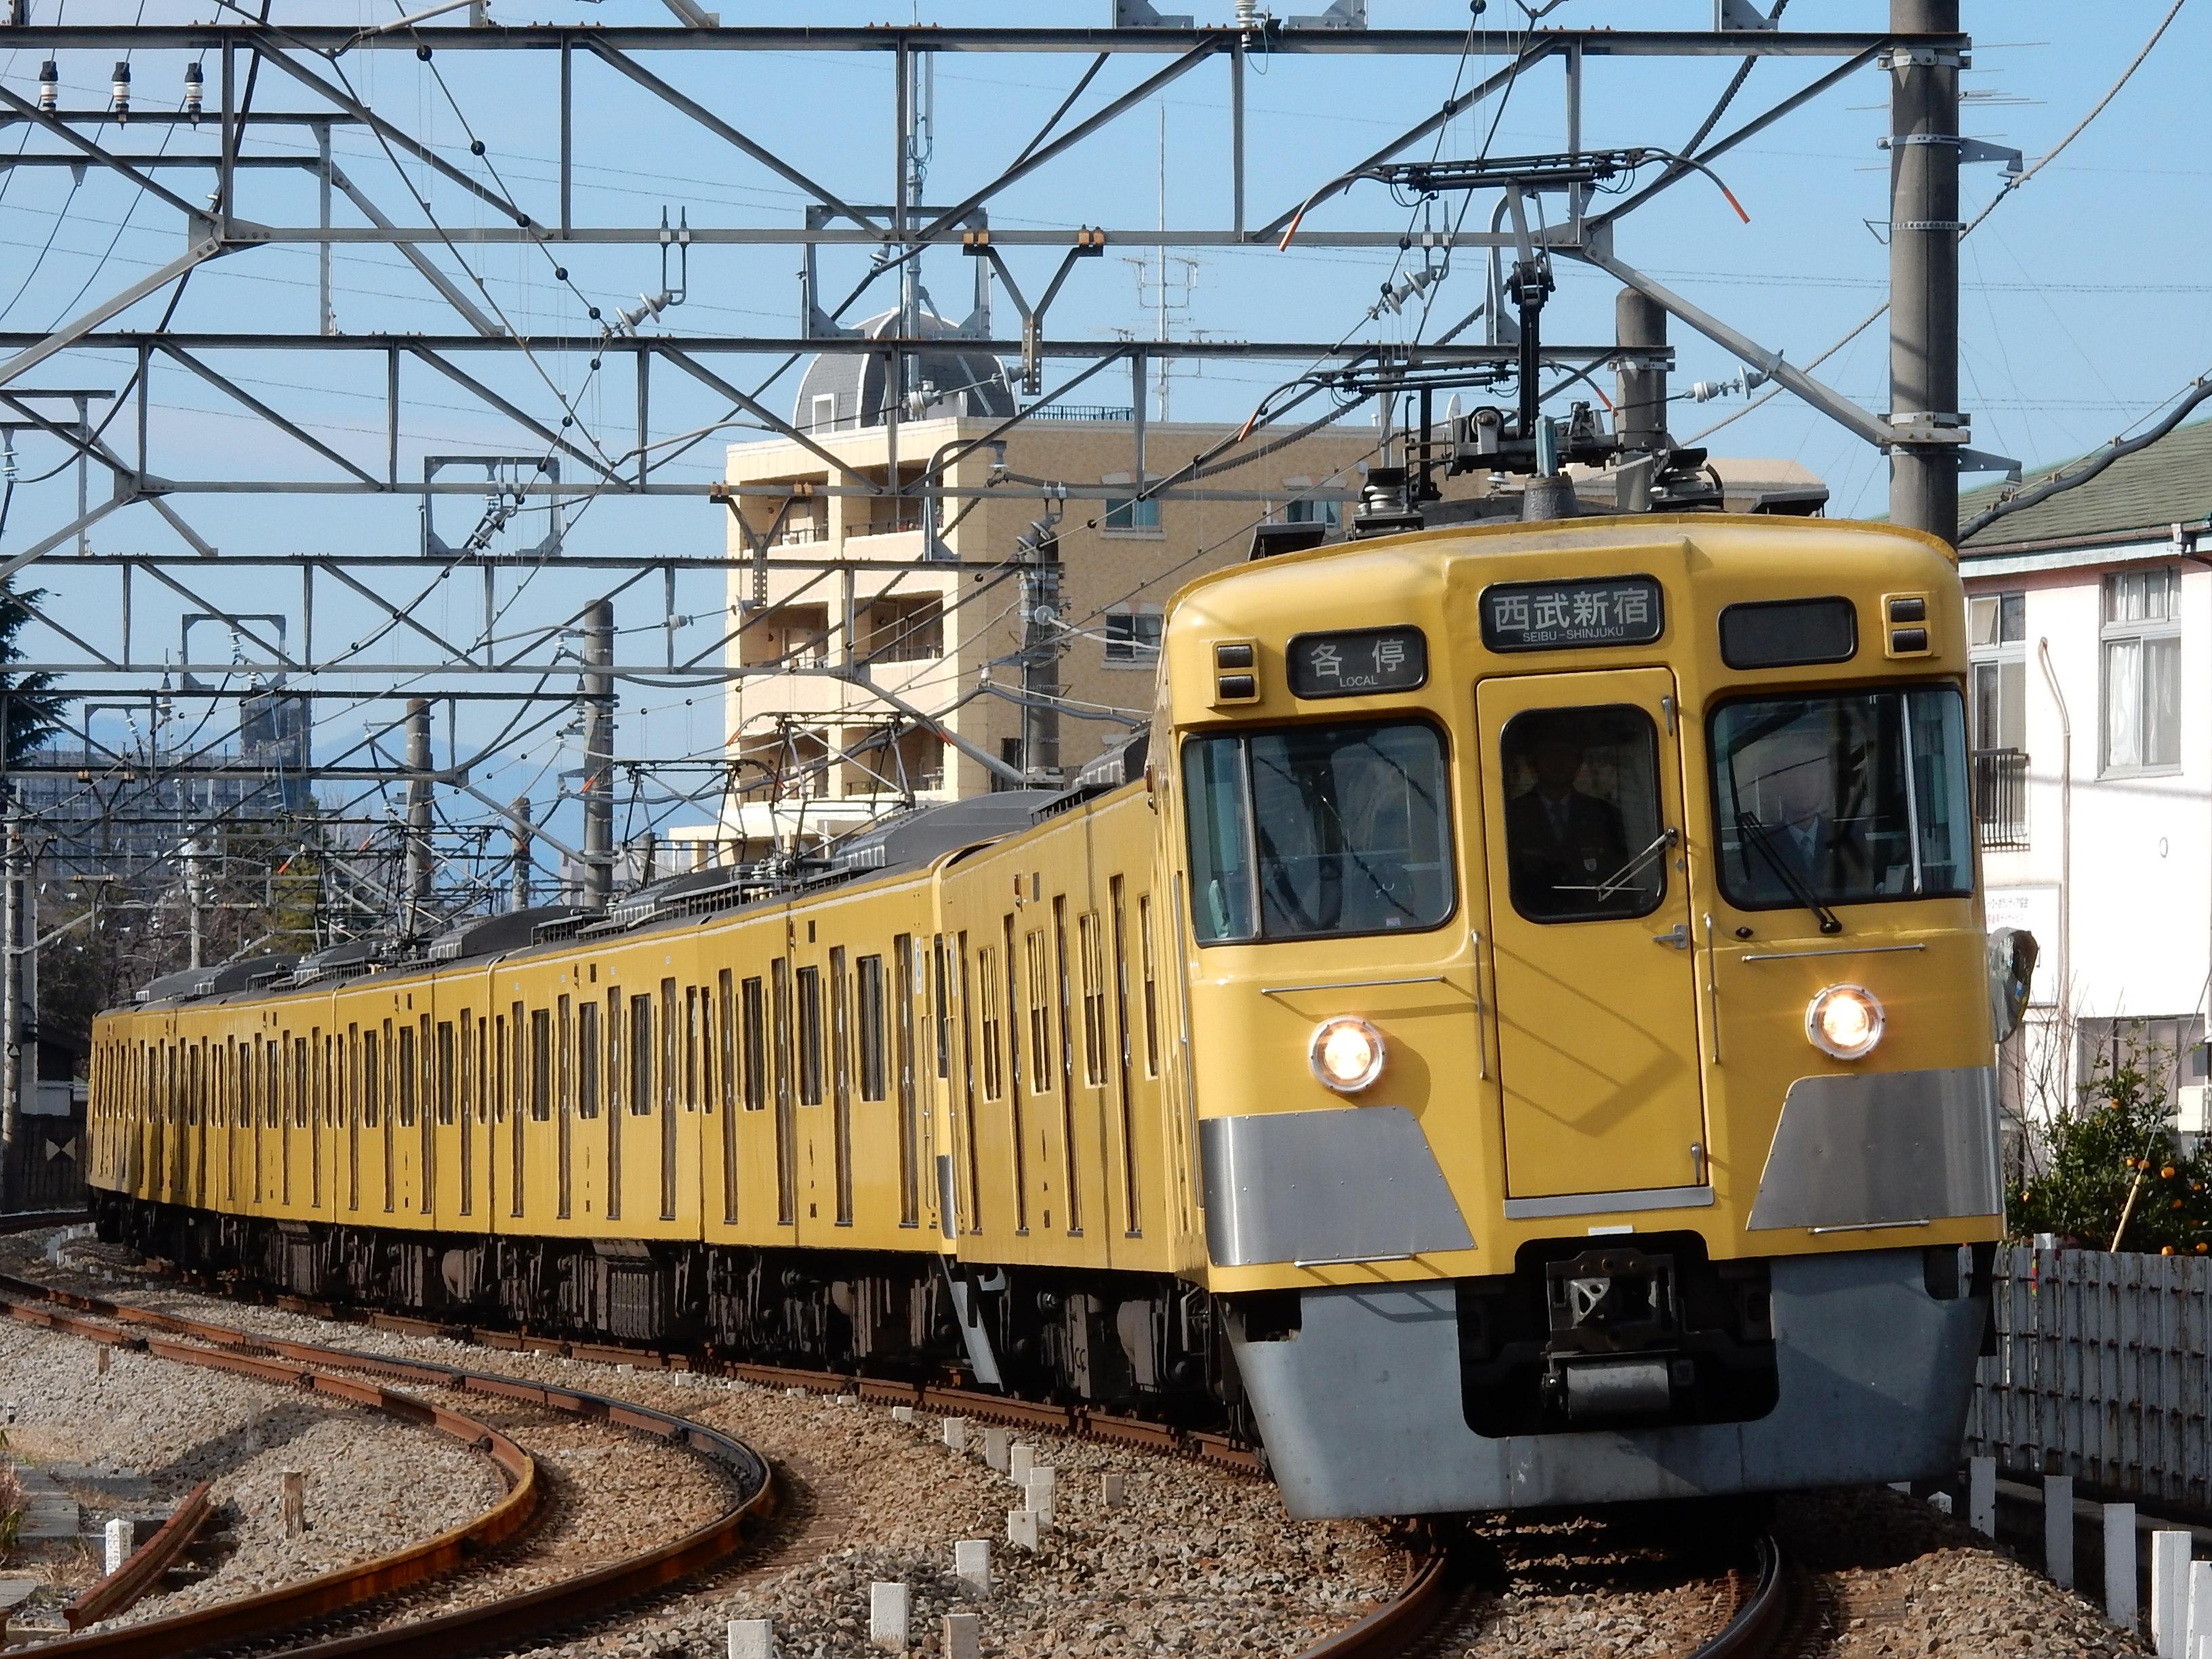 DSCN9108.jpg